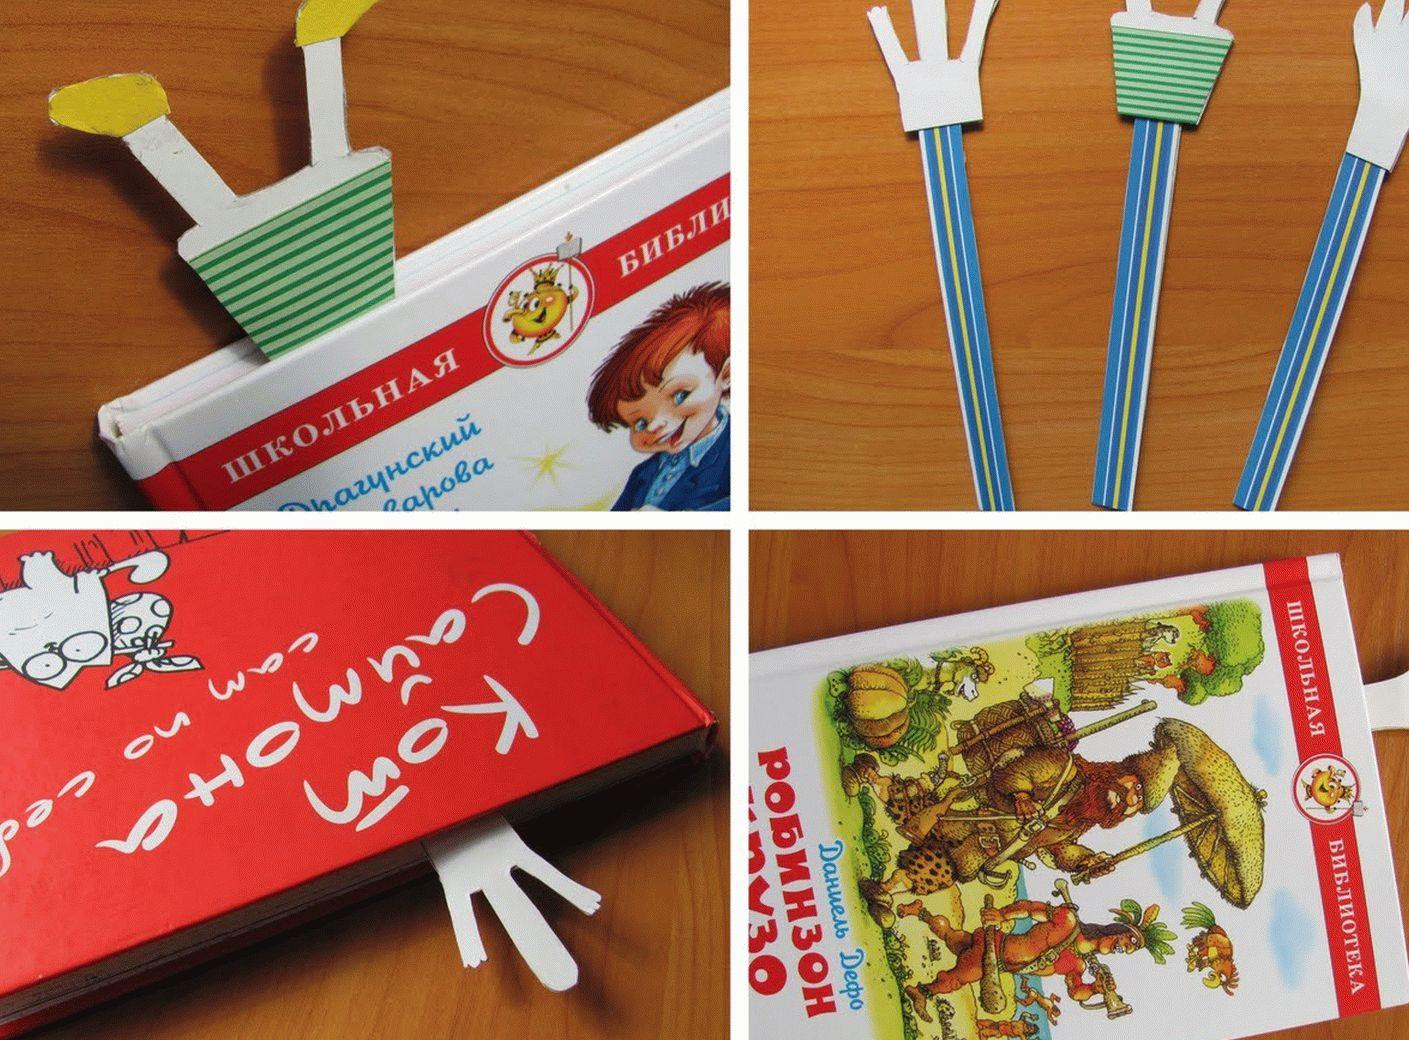 Своими руками можно изготовить необычные закладки для книг